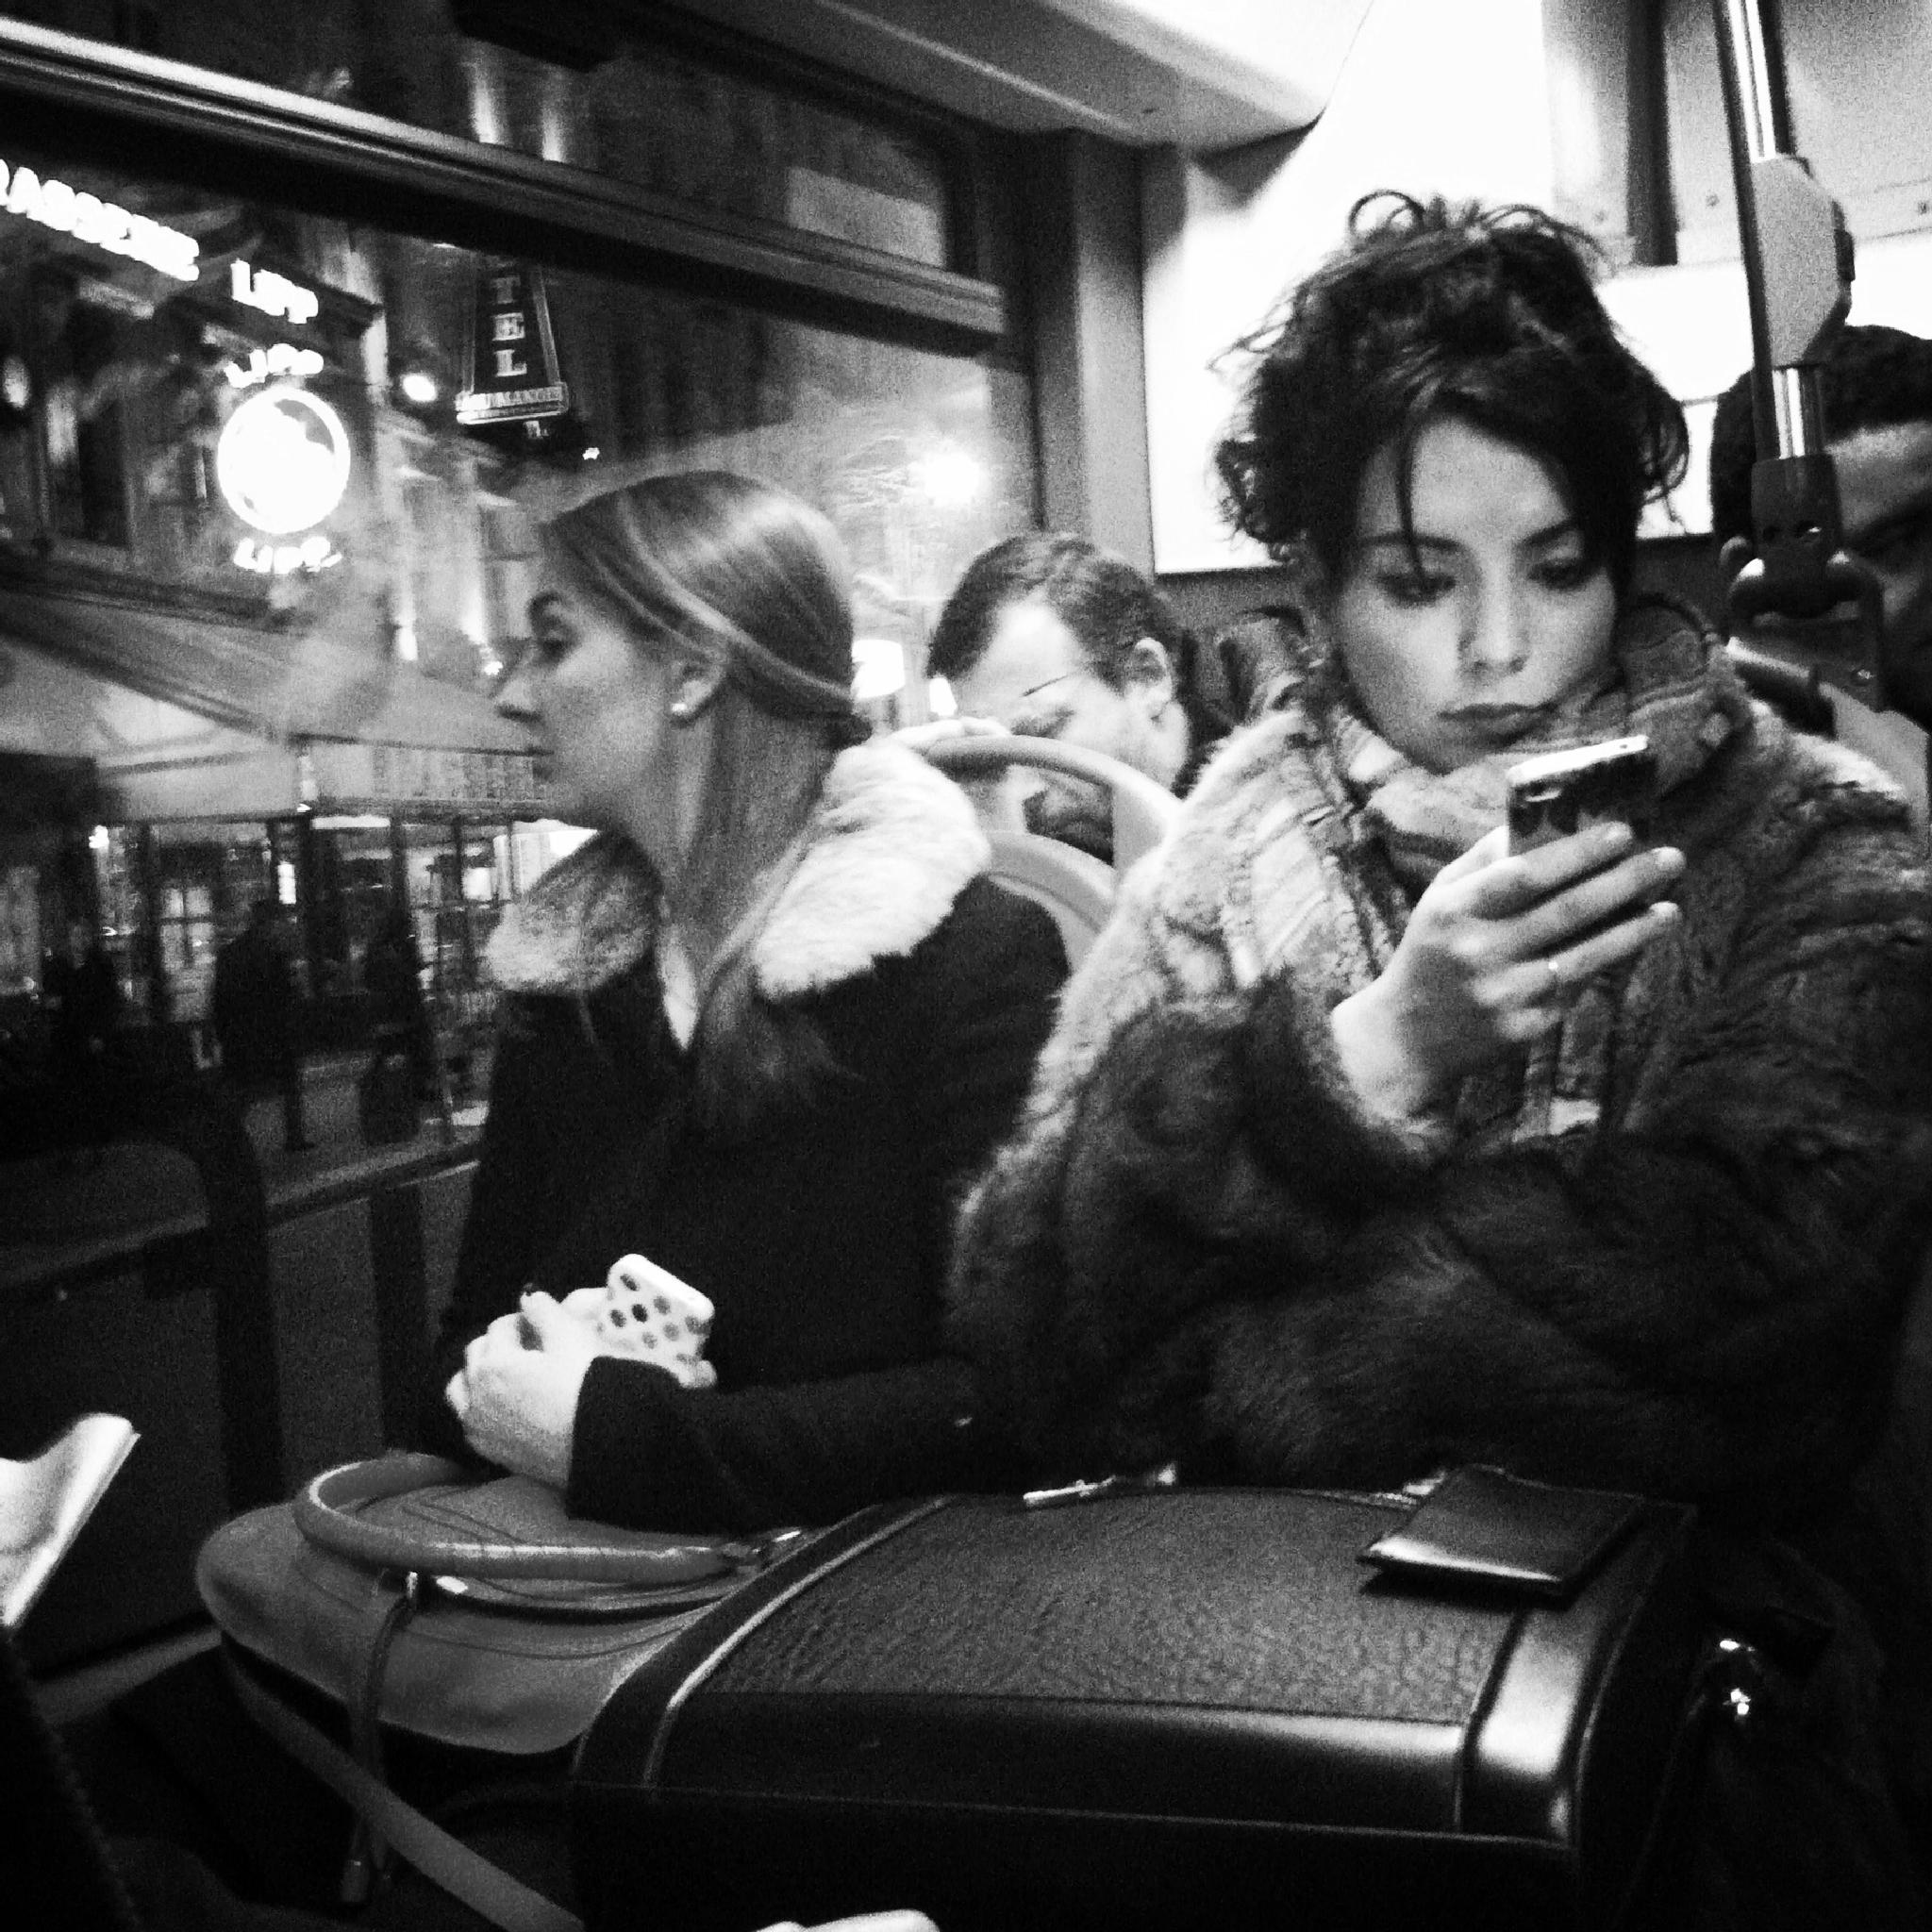 Bus portraits in Paris by parisfind